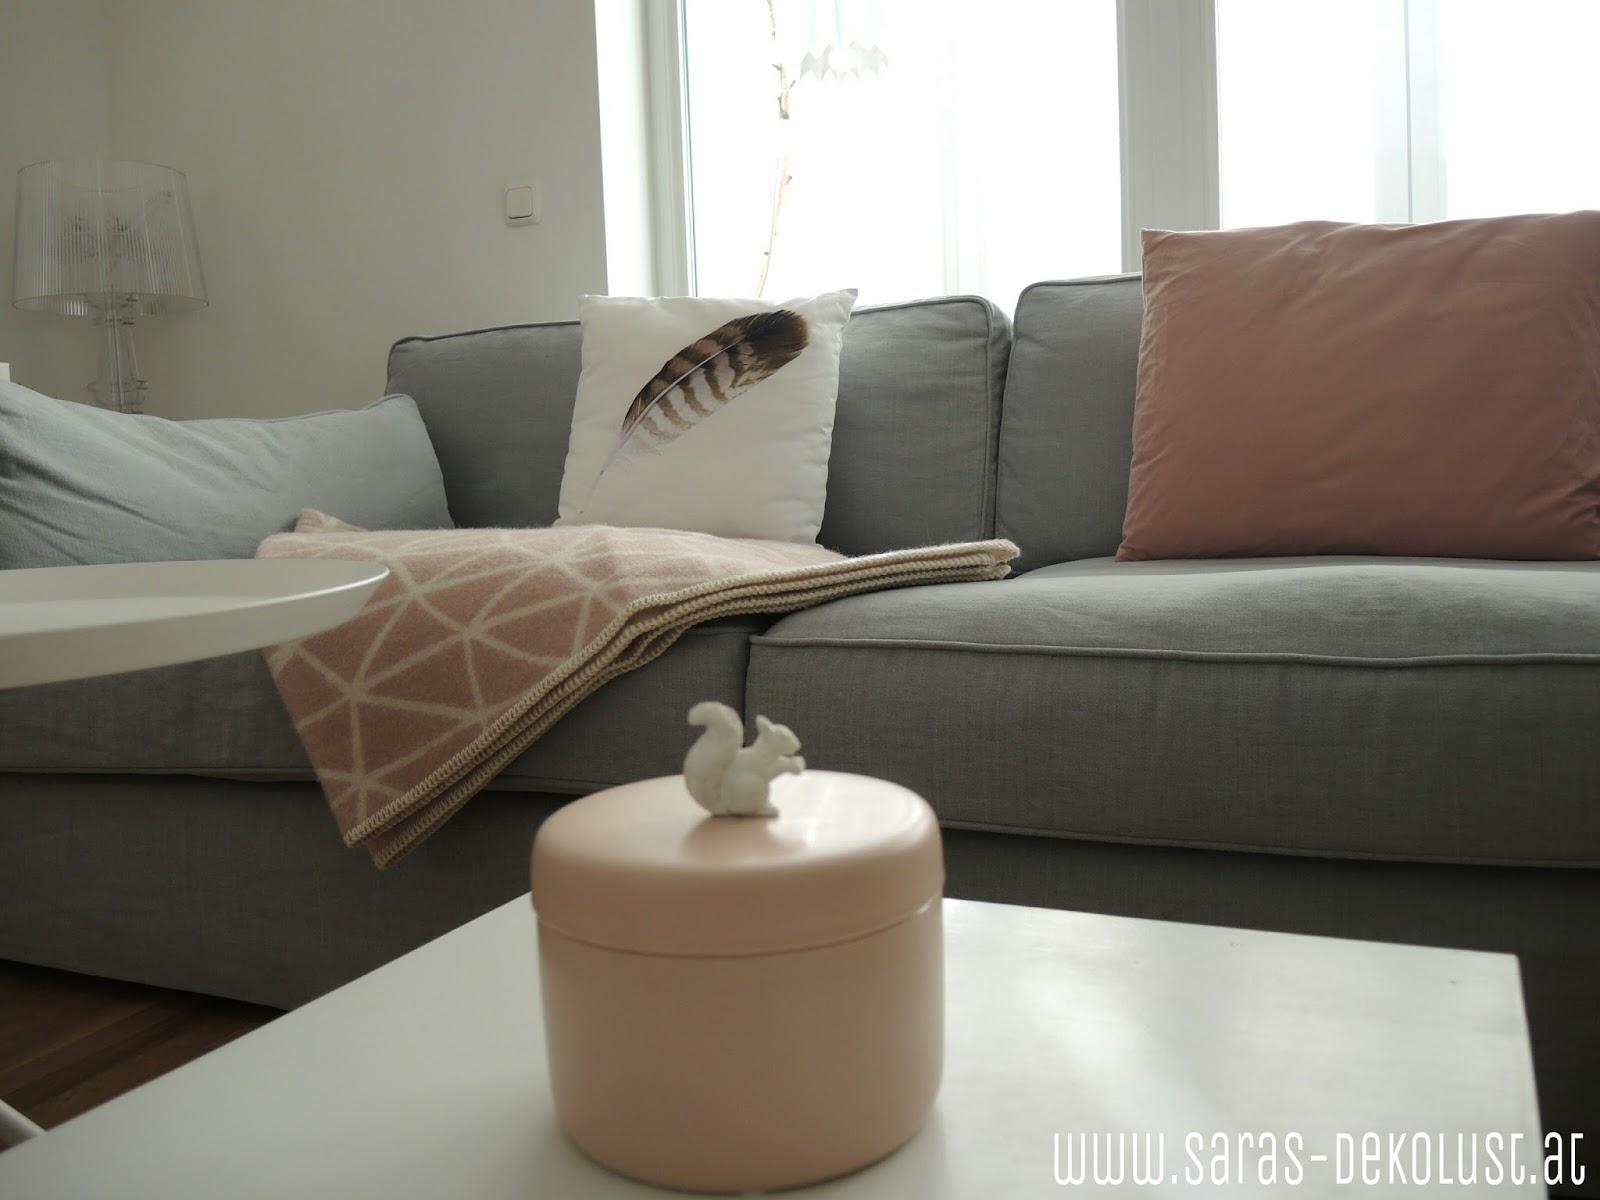 saras dekolust mein gewinn kuschelige decke. Black Bedroom Furniture Sets. Home Design Ideas